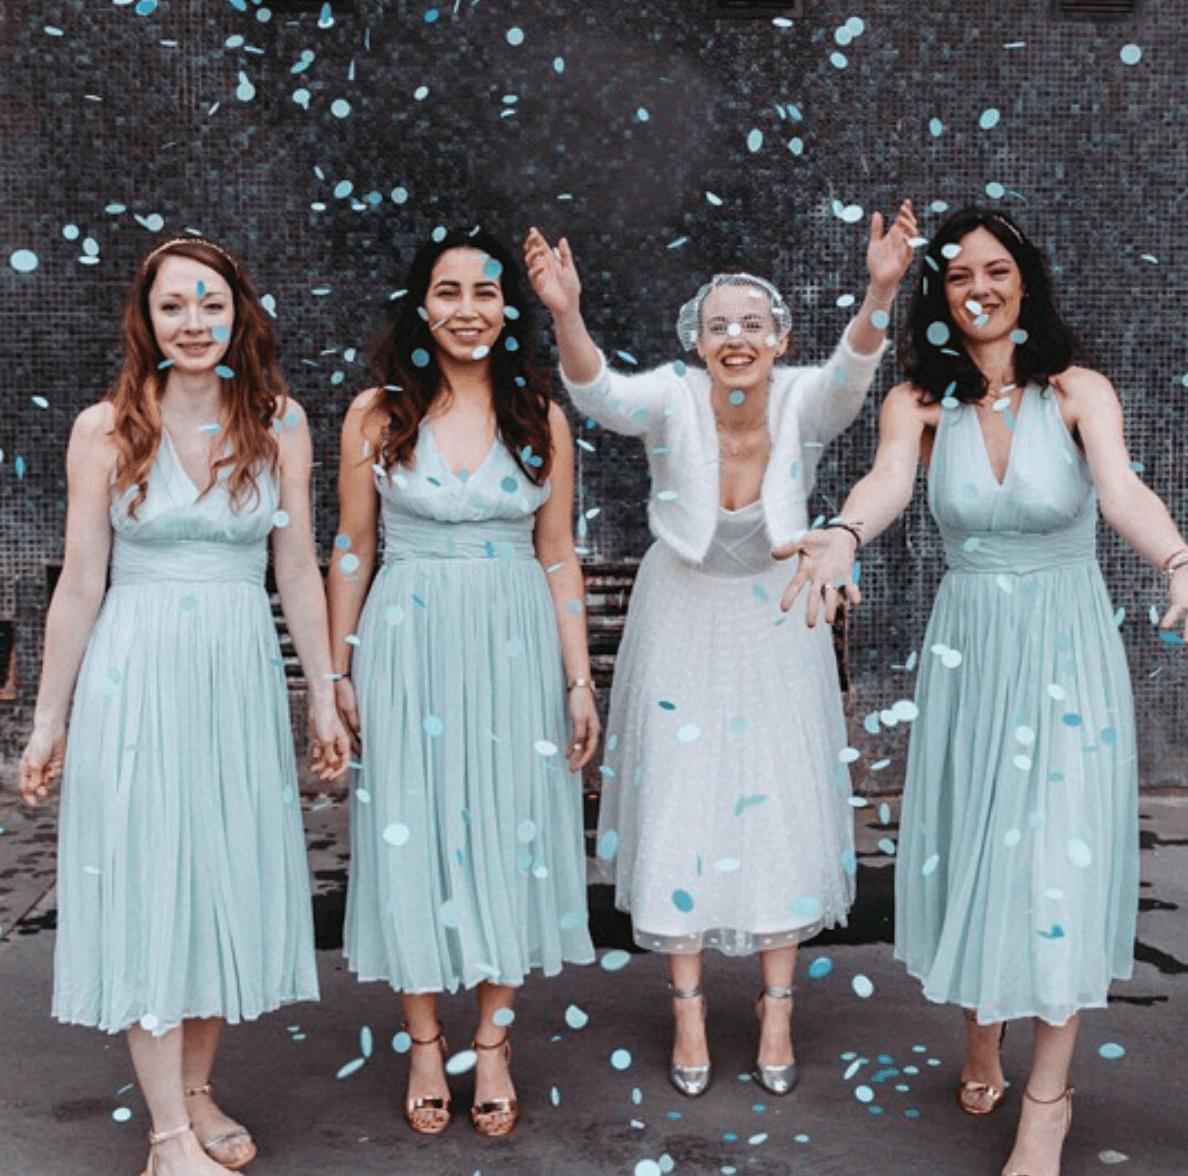 De charmantes demoiselles vêtues de leur robe d'invitée à un mariage